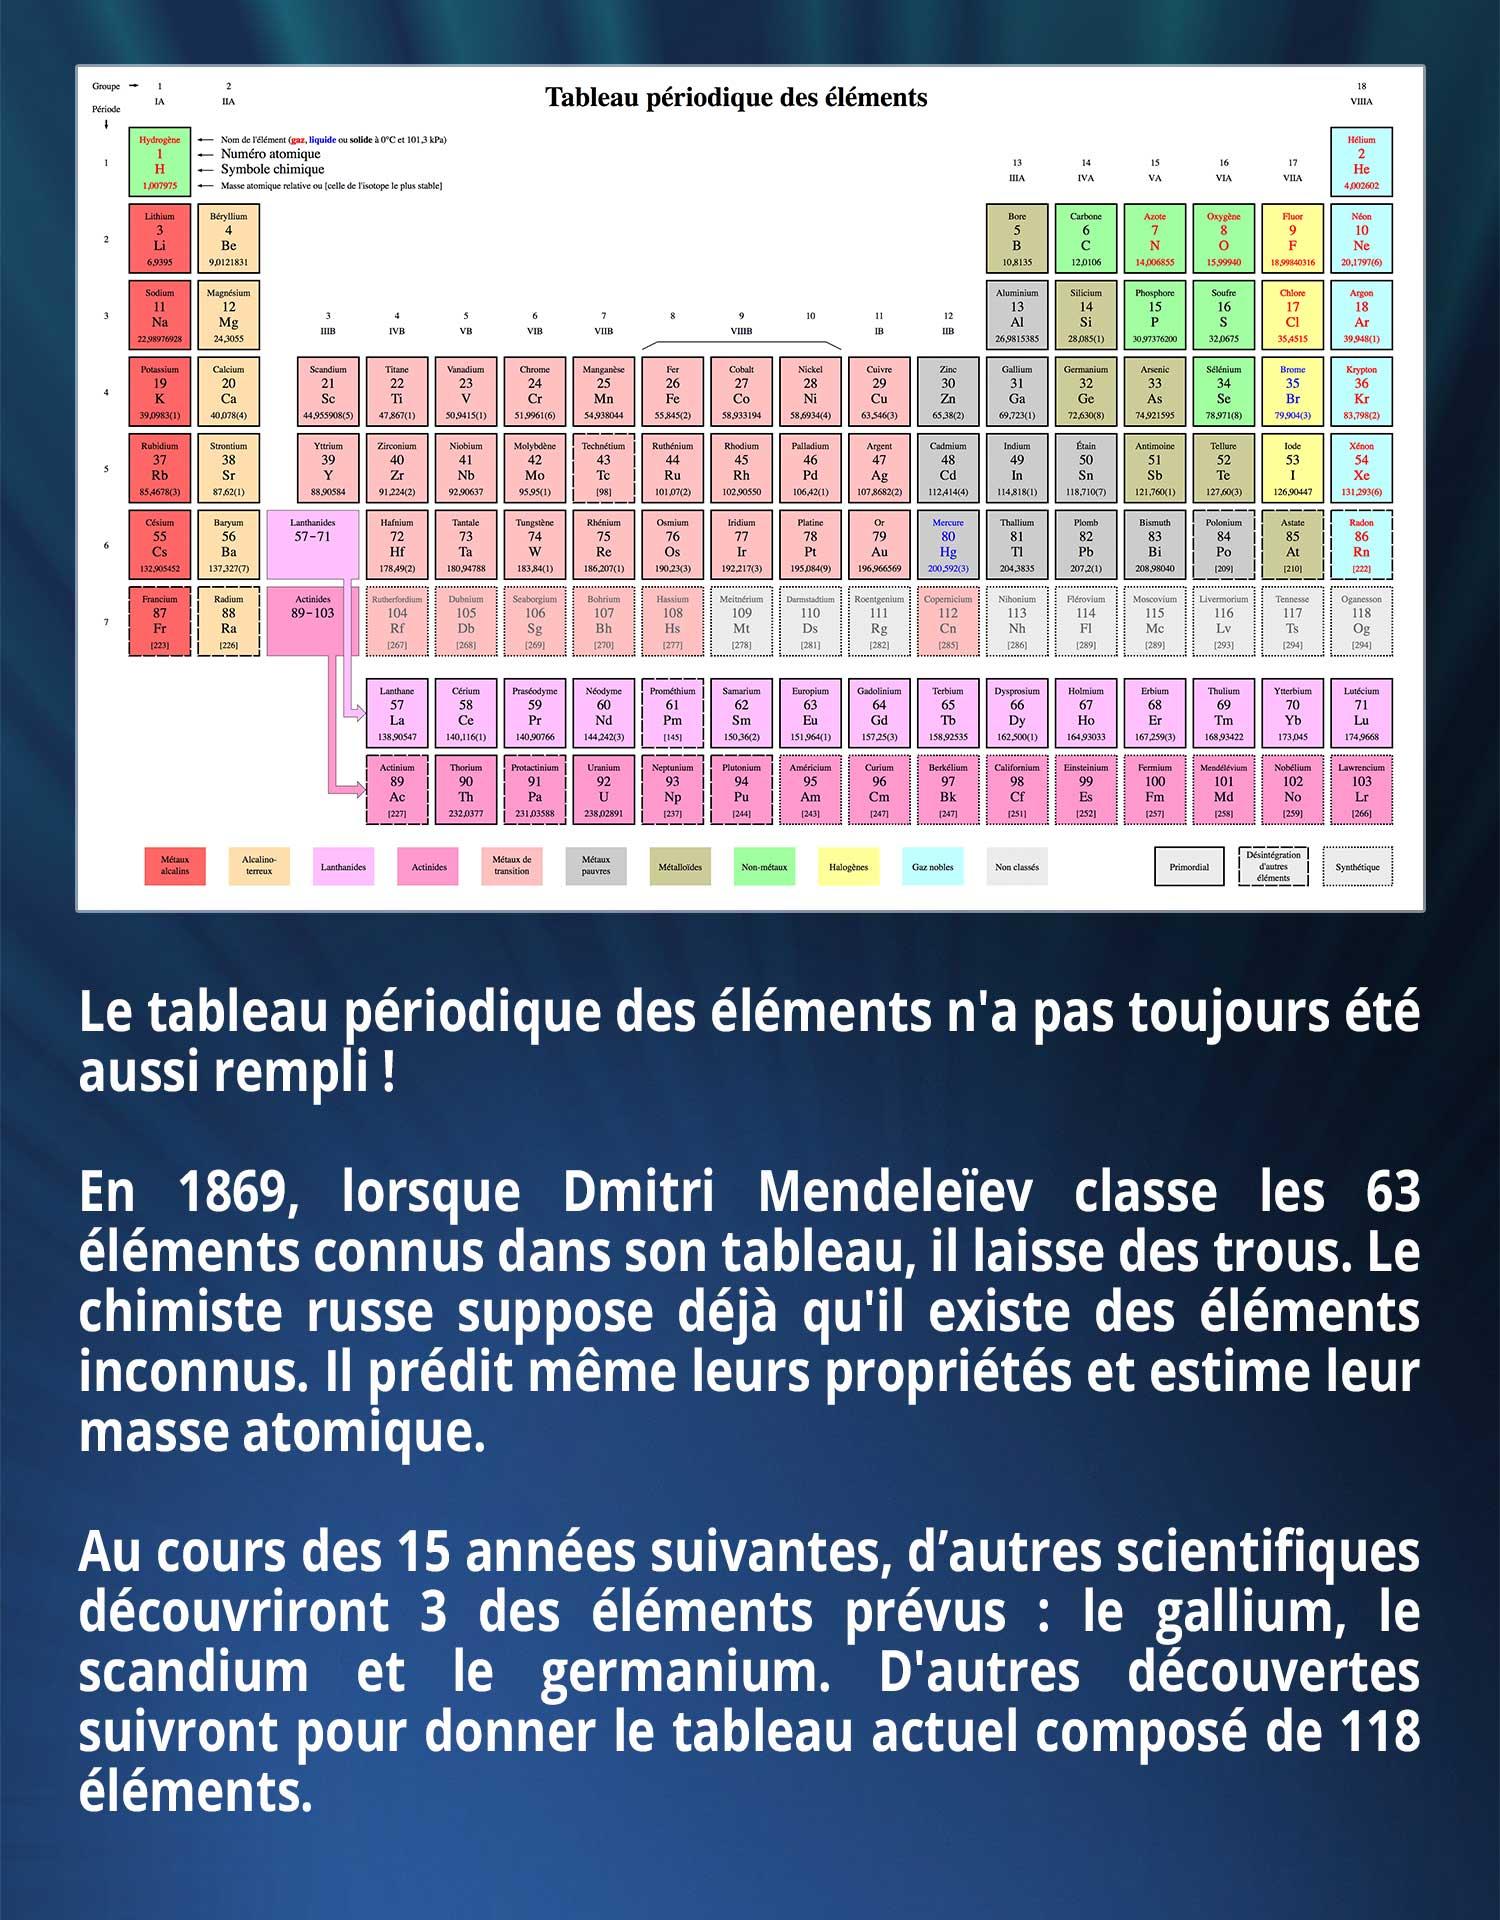 Le tableau périodique des éléments n'a pas toujours été aussi rempli ! En 1869, lorsque Dmitri Mendeleïev classe les 63 éléments connus dans son tableau, il laisse des trous. Le chimiste russe suppose déjà qu'il existe des éléments inconnus. Il prédit même leurs propriétés et estime leur masse atomique. Au cours des 15 années suivantes, d'autres scientifiques découvriront 3 des éléments prévus : le gallium, le scandium et le germanium. D'autres découvertes suivront pour donner le tableau actuel composé de 118 éléments.